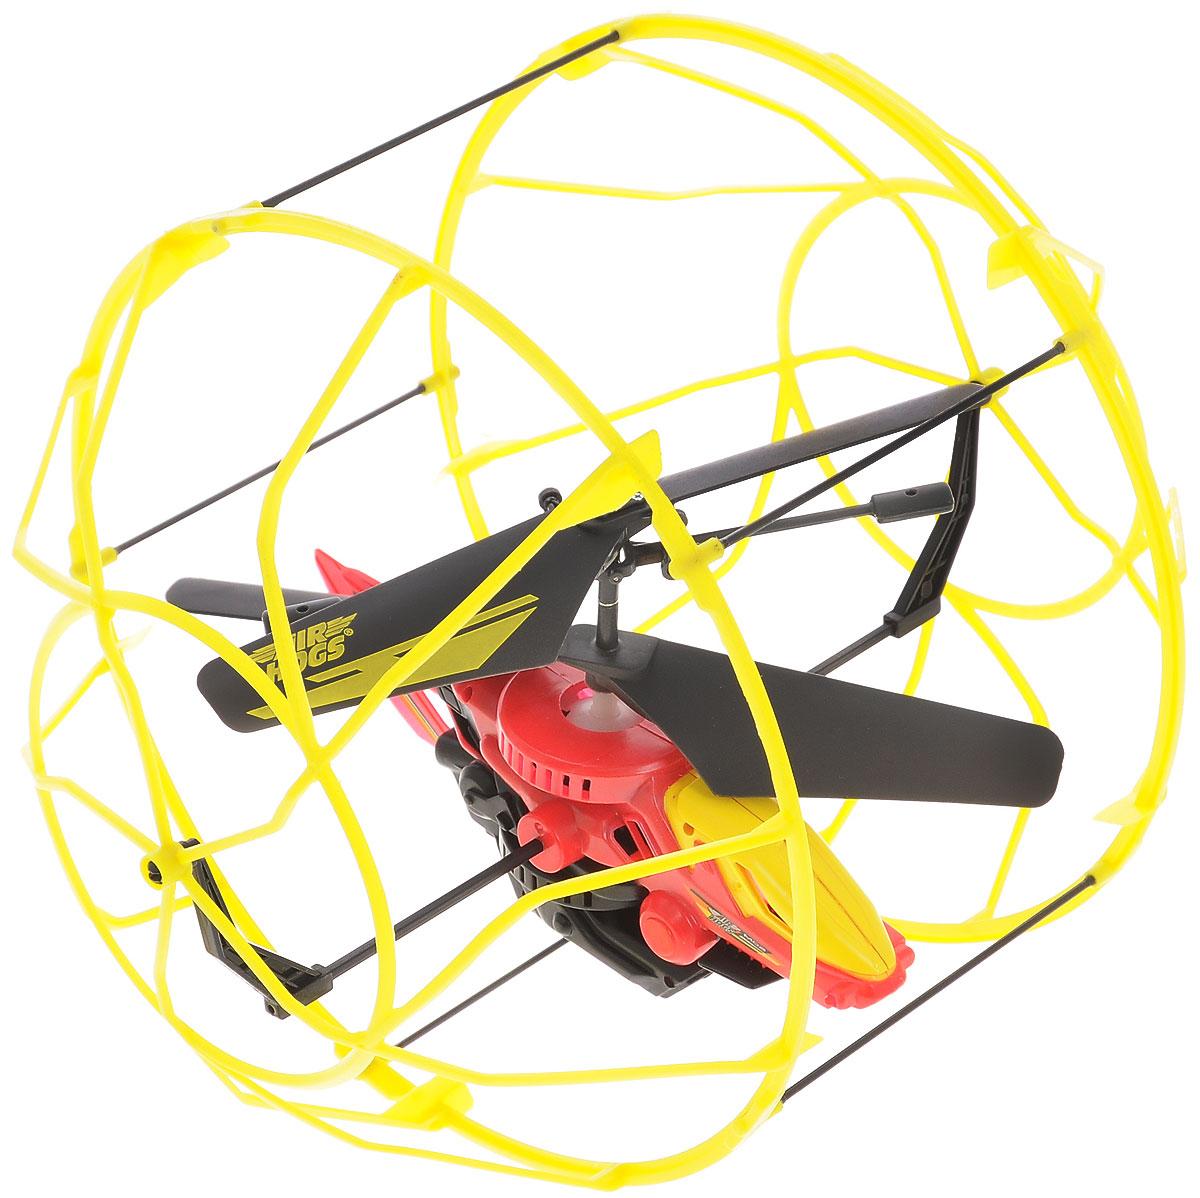 Air Hogs Вертолет на радиоуправлении Roller Copter цвет желтый красный